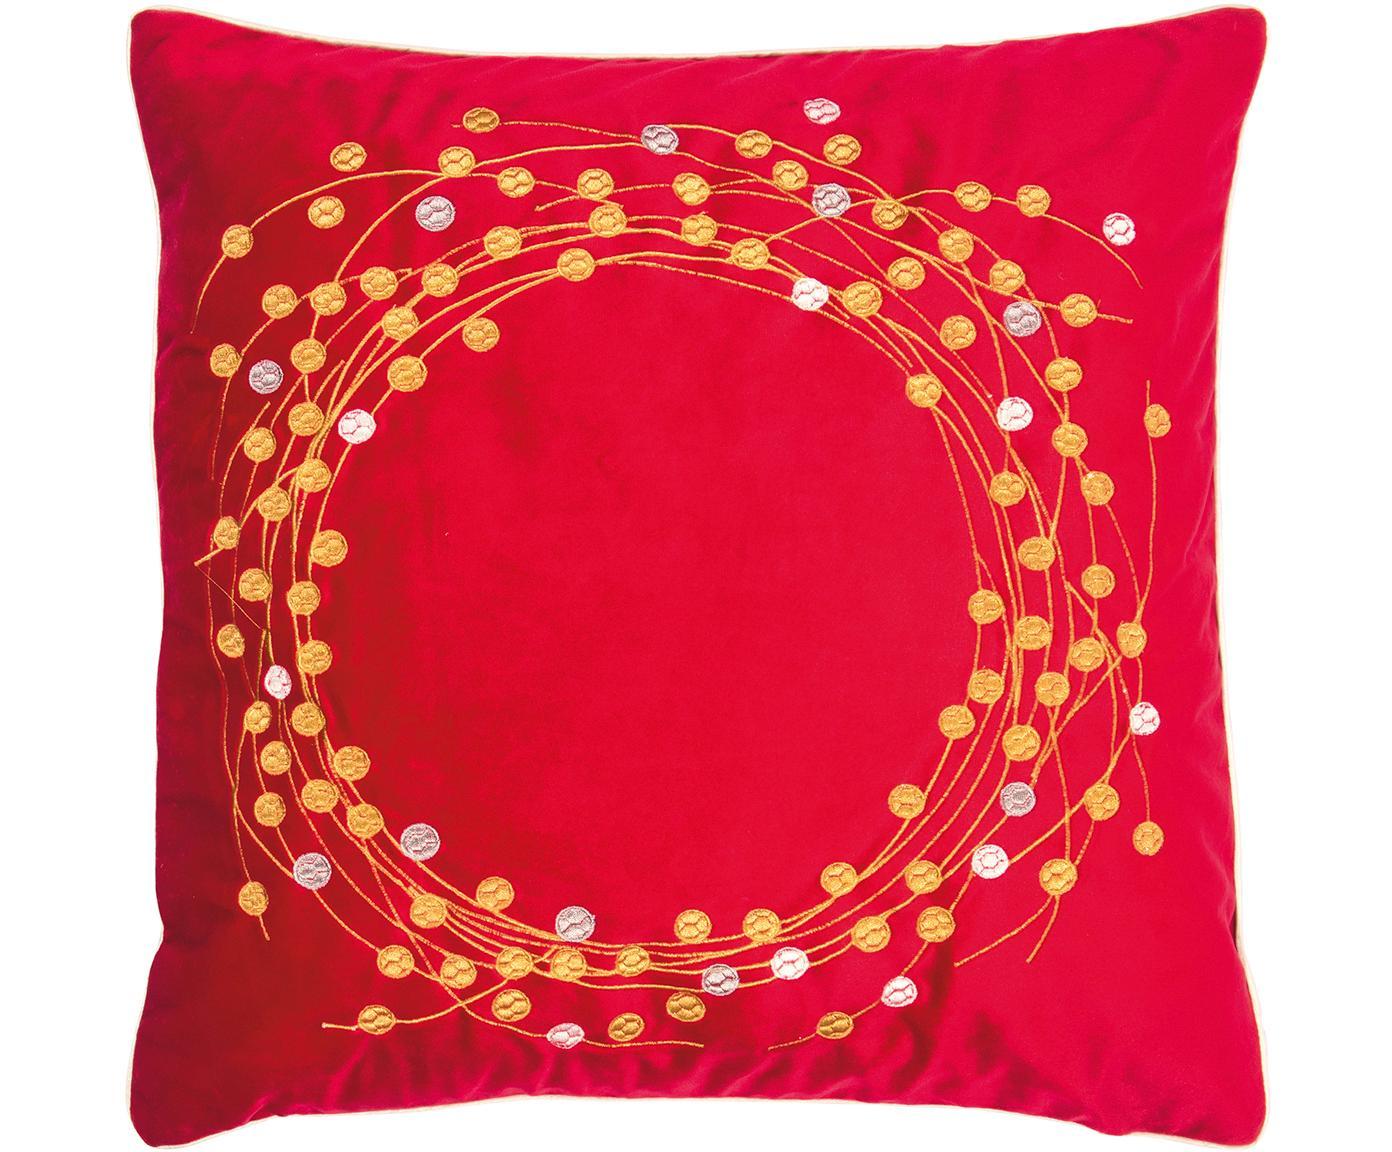 Poszewka na poduszkę z aksamitu Circle, Aksamit poliestrowy, Czerwony, odcienie złotego, S 45 x D 45 cm